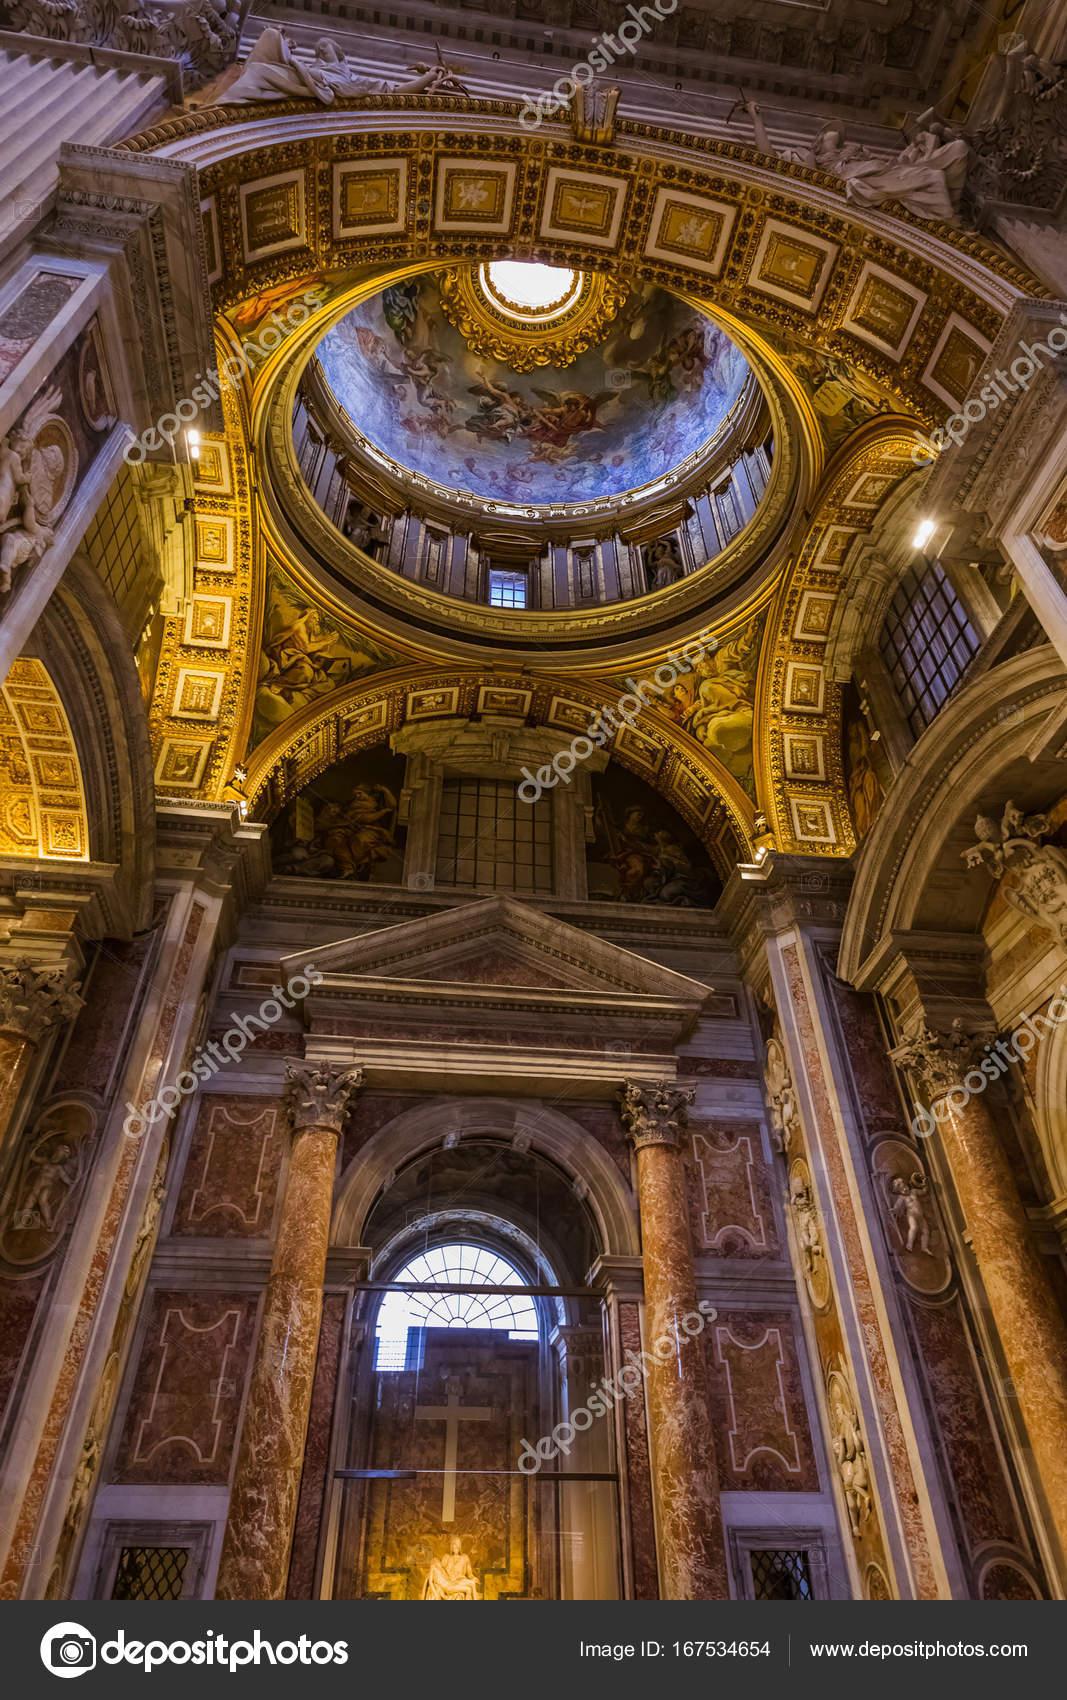 interieur van de basiliek van sant peters in vaticaan rome itali stockfoto